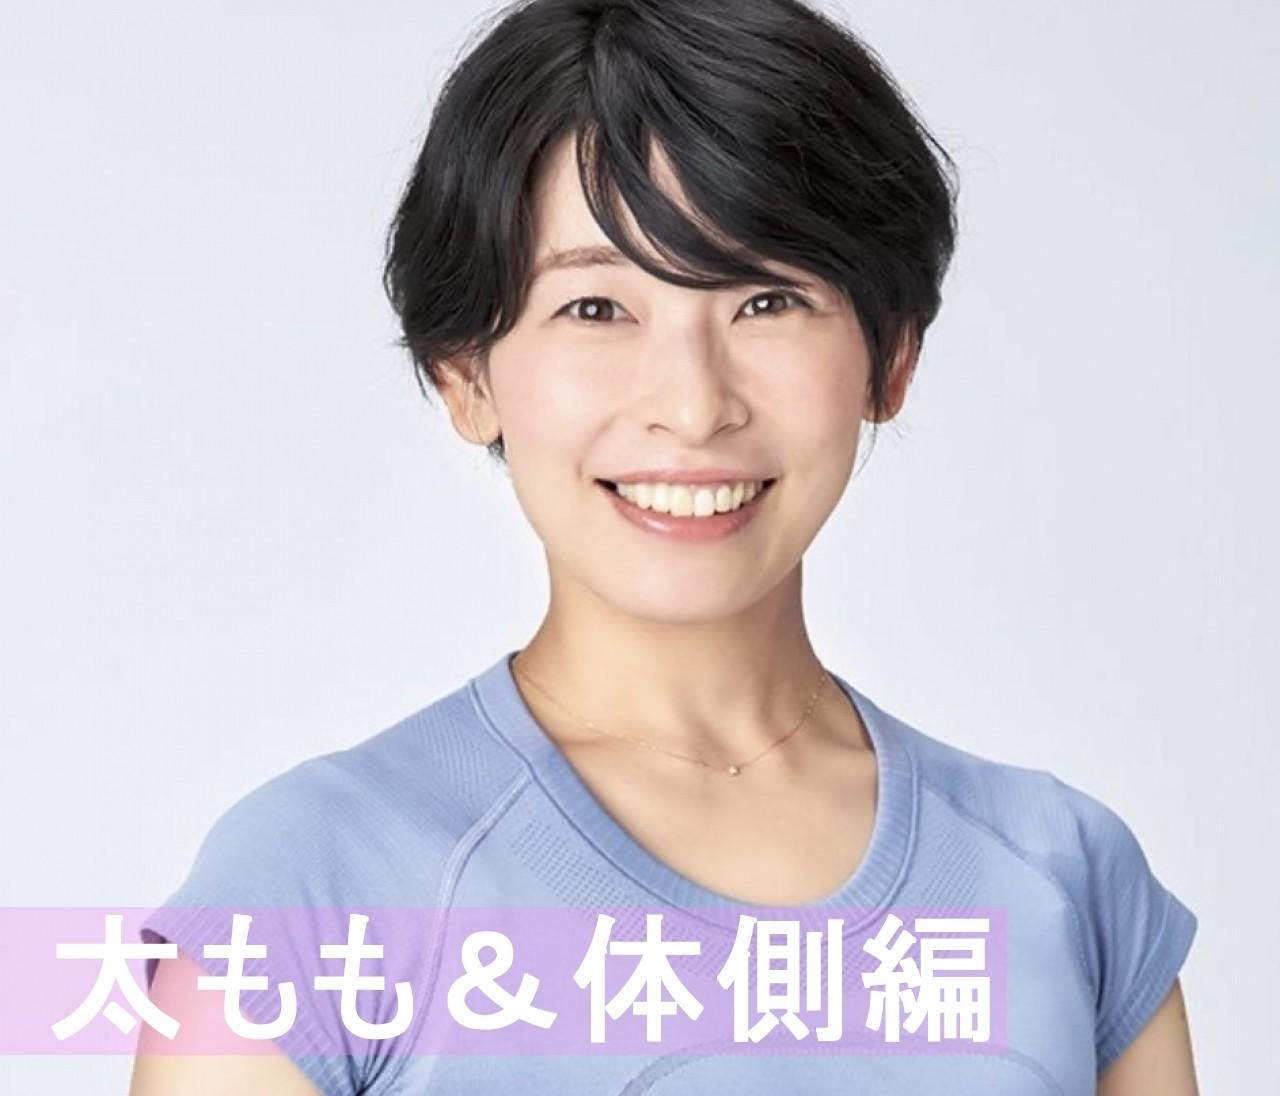 美ボディを作る<おうちマッサージ>を星野由香さんが伝授!【太もも&体側編】